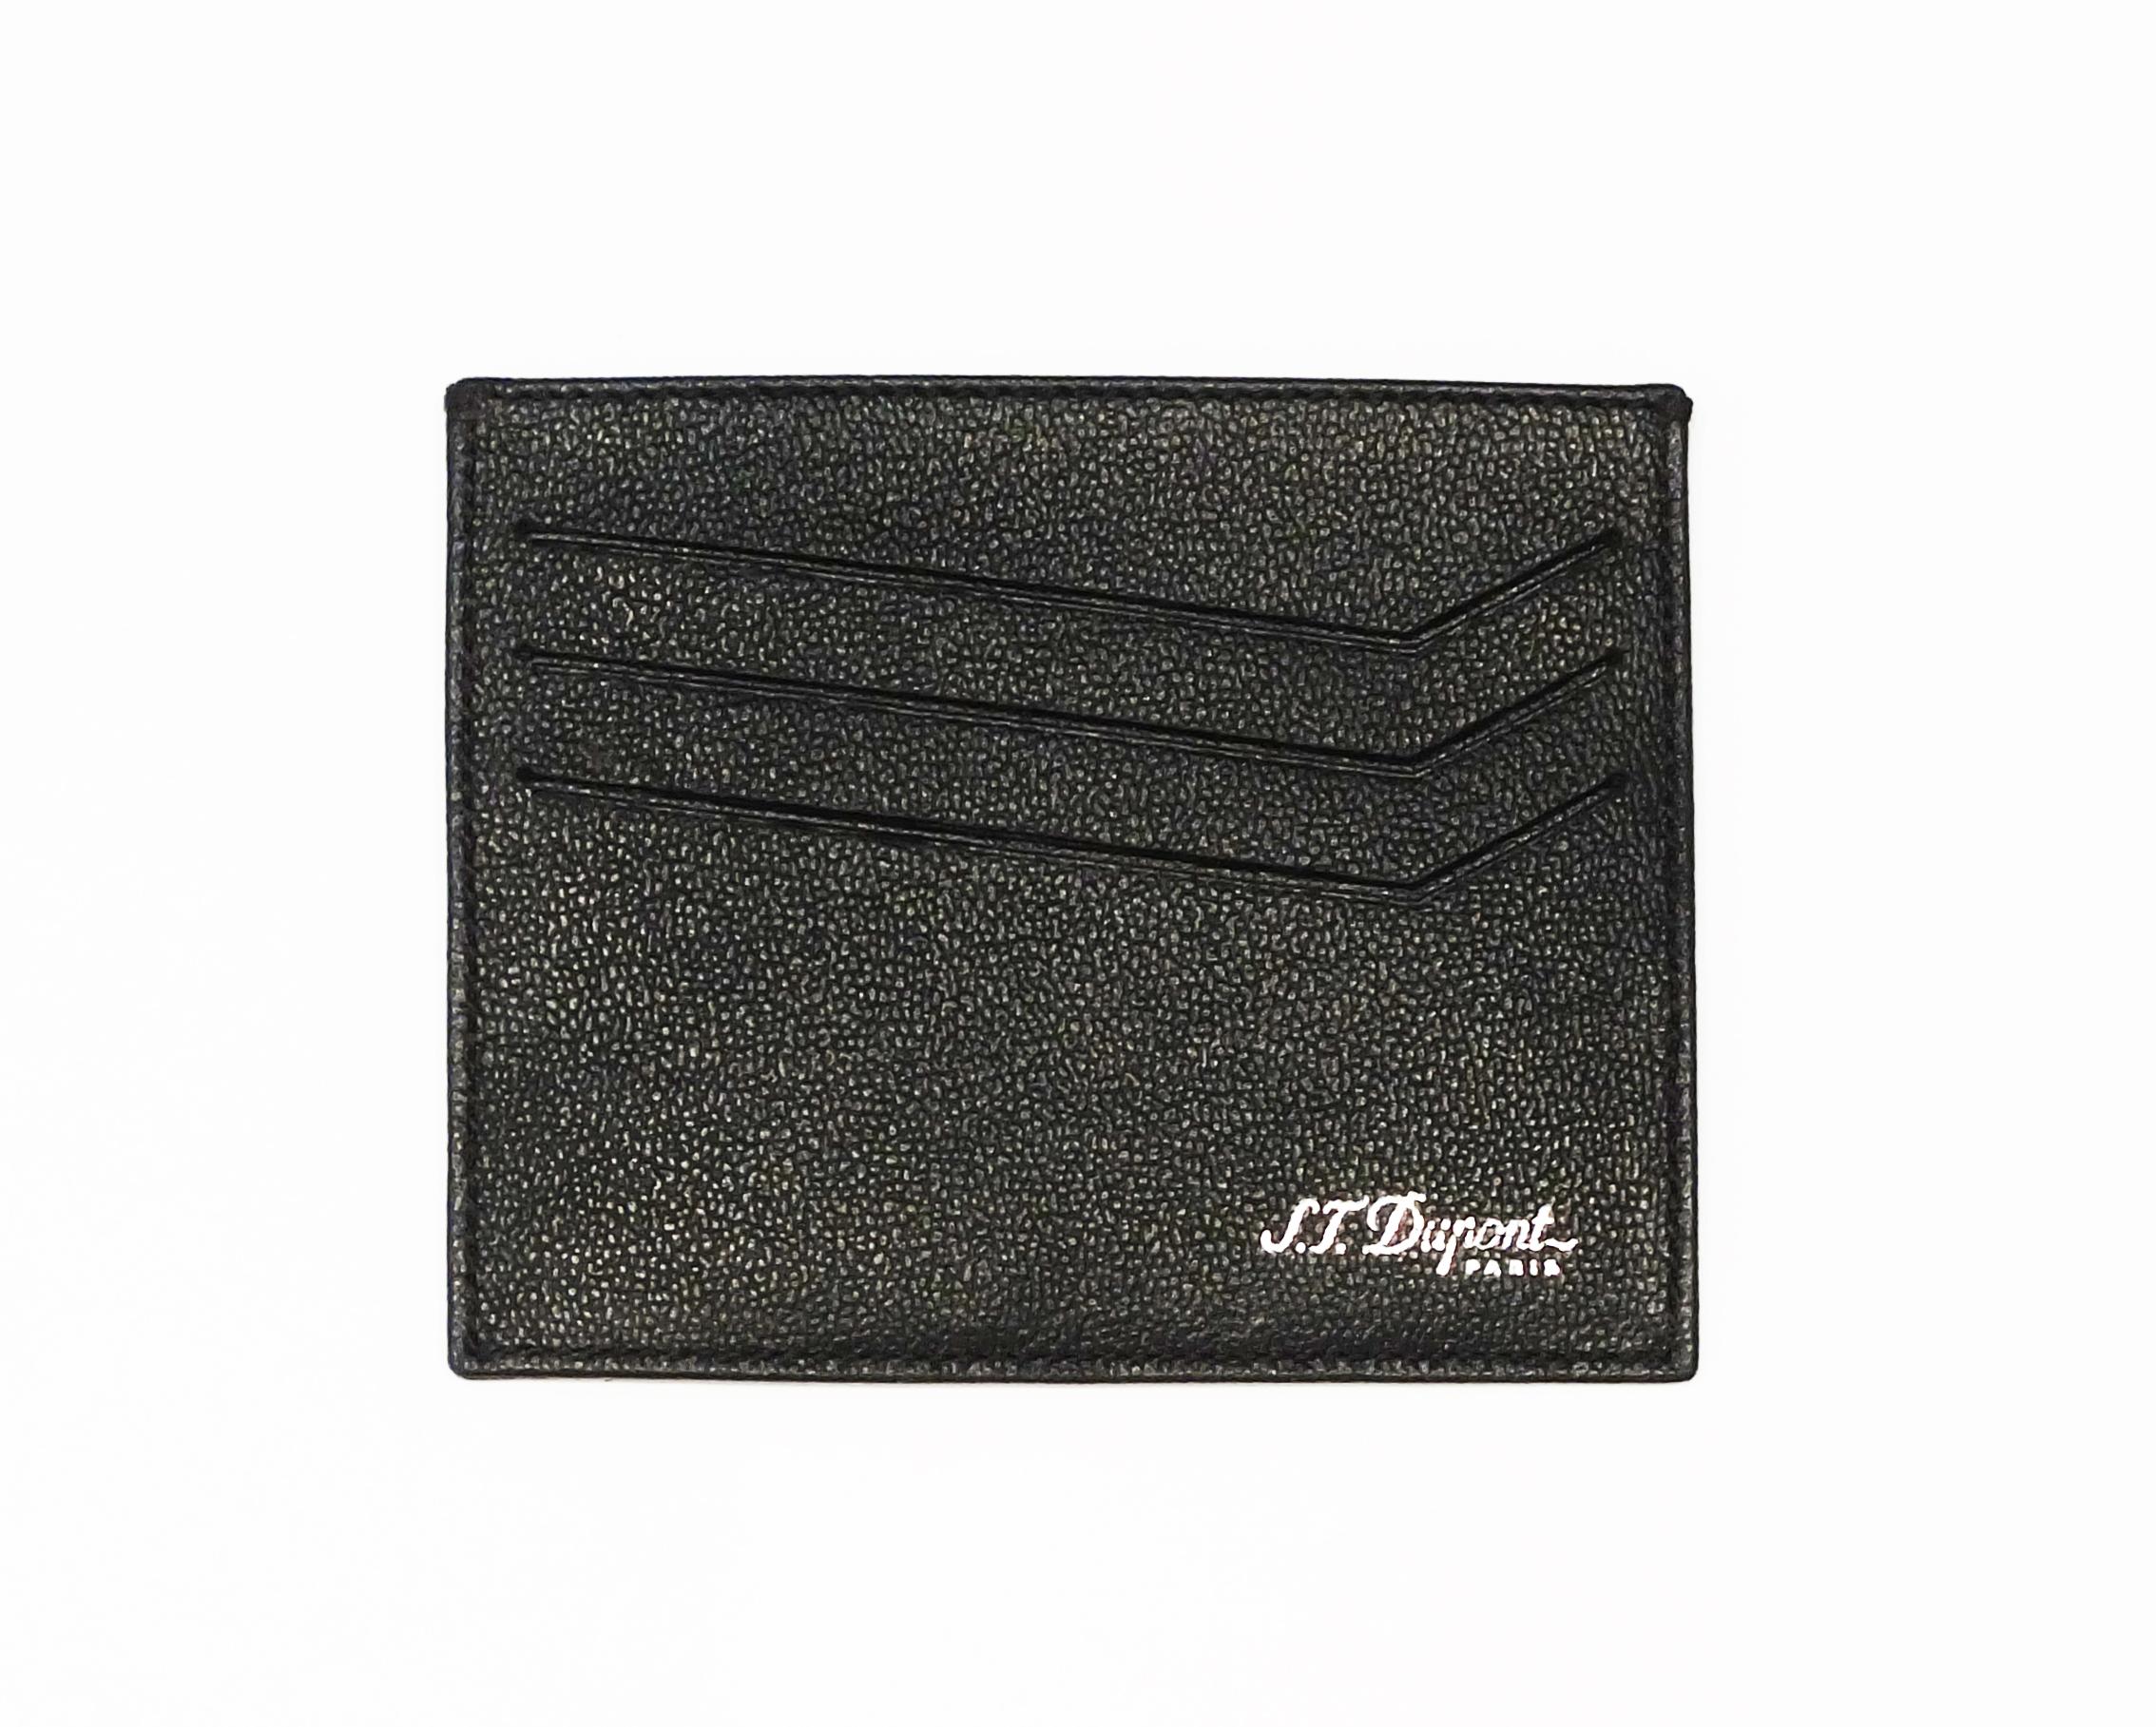 ST Dupont Card Holder